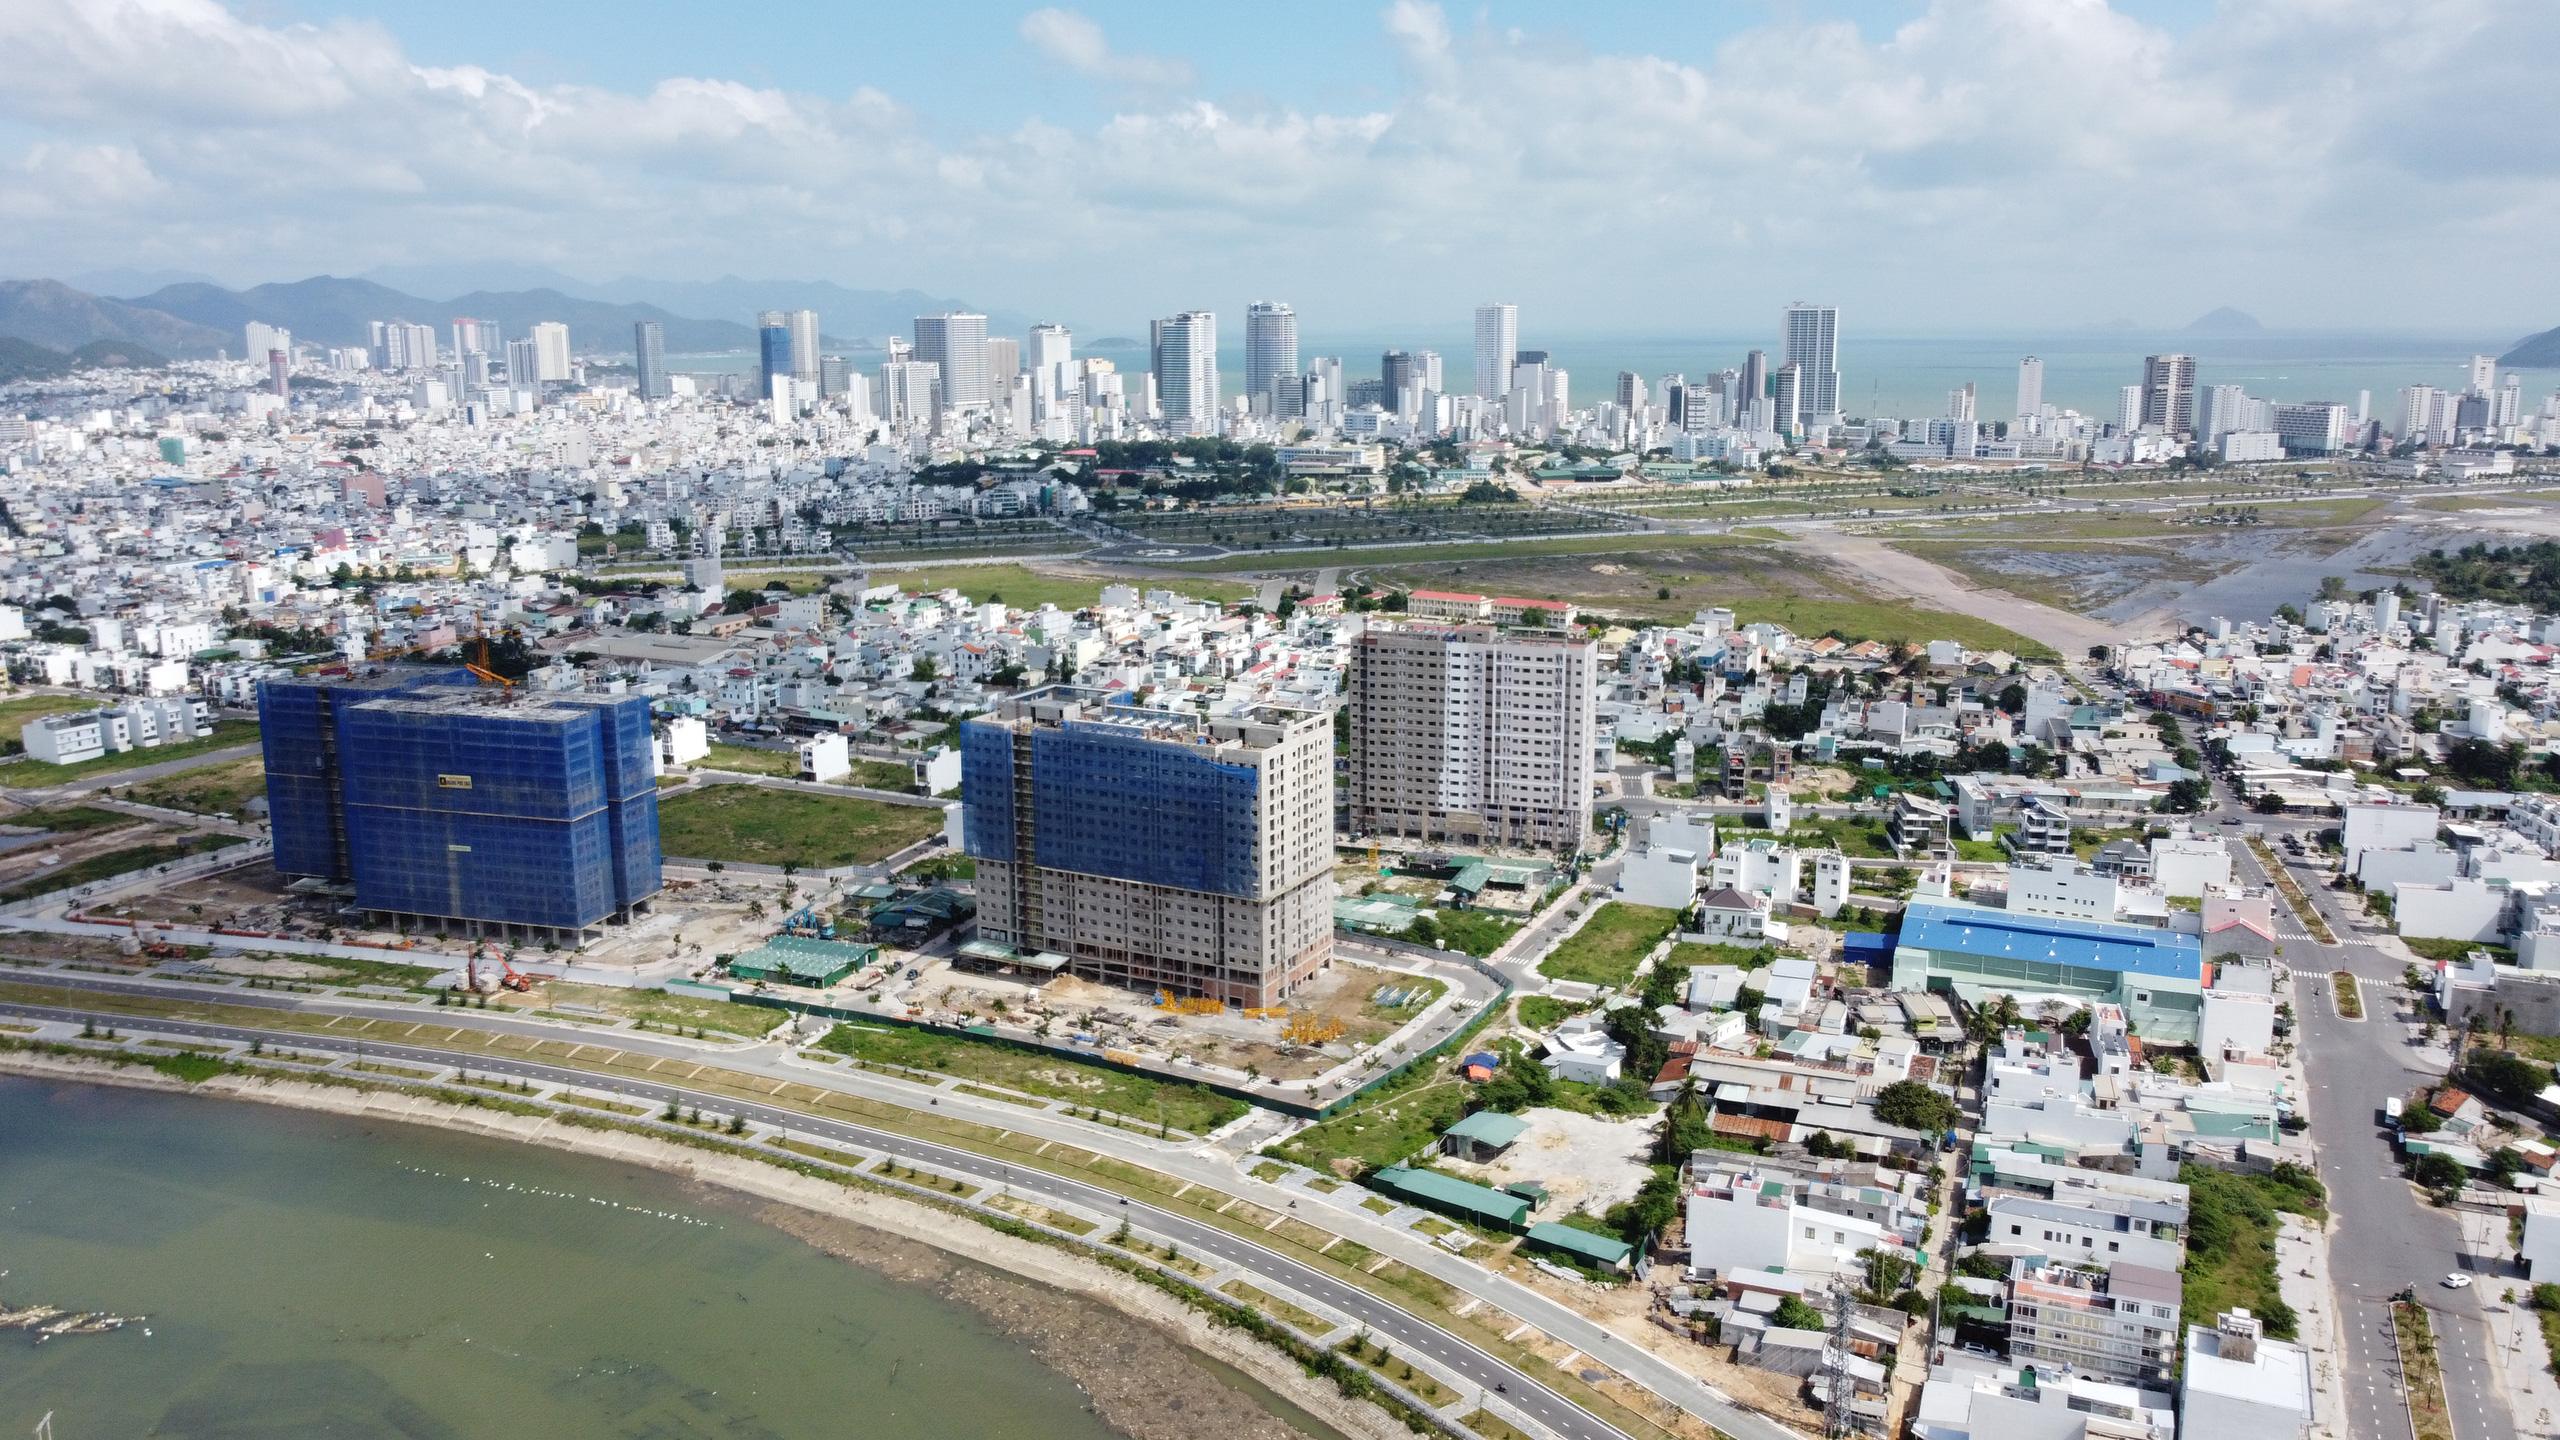 Cận cảnh khu đất sân bay Nha Trang cũ chuẩn bị đấu giá đất - Ảnh 10.